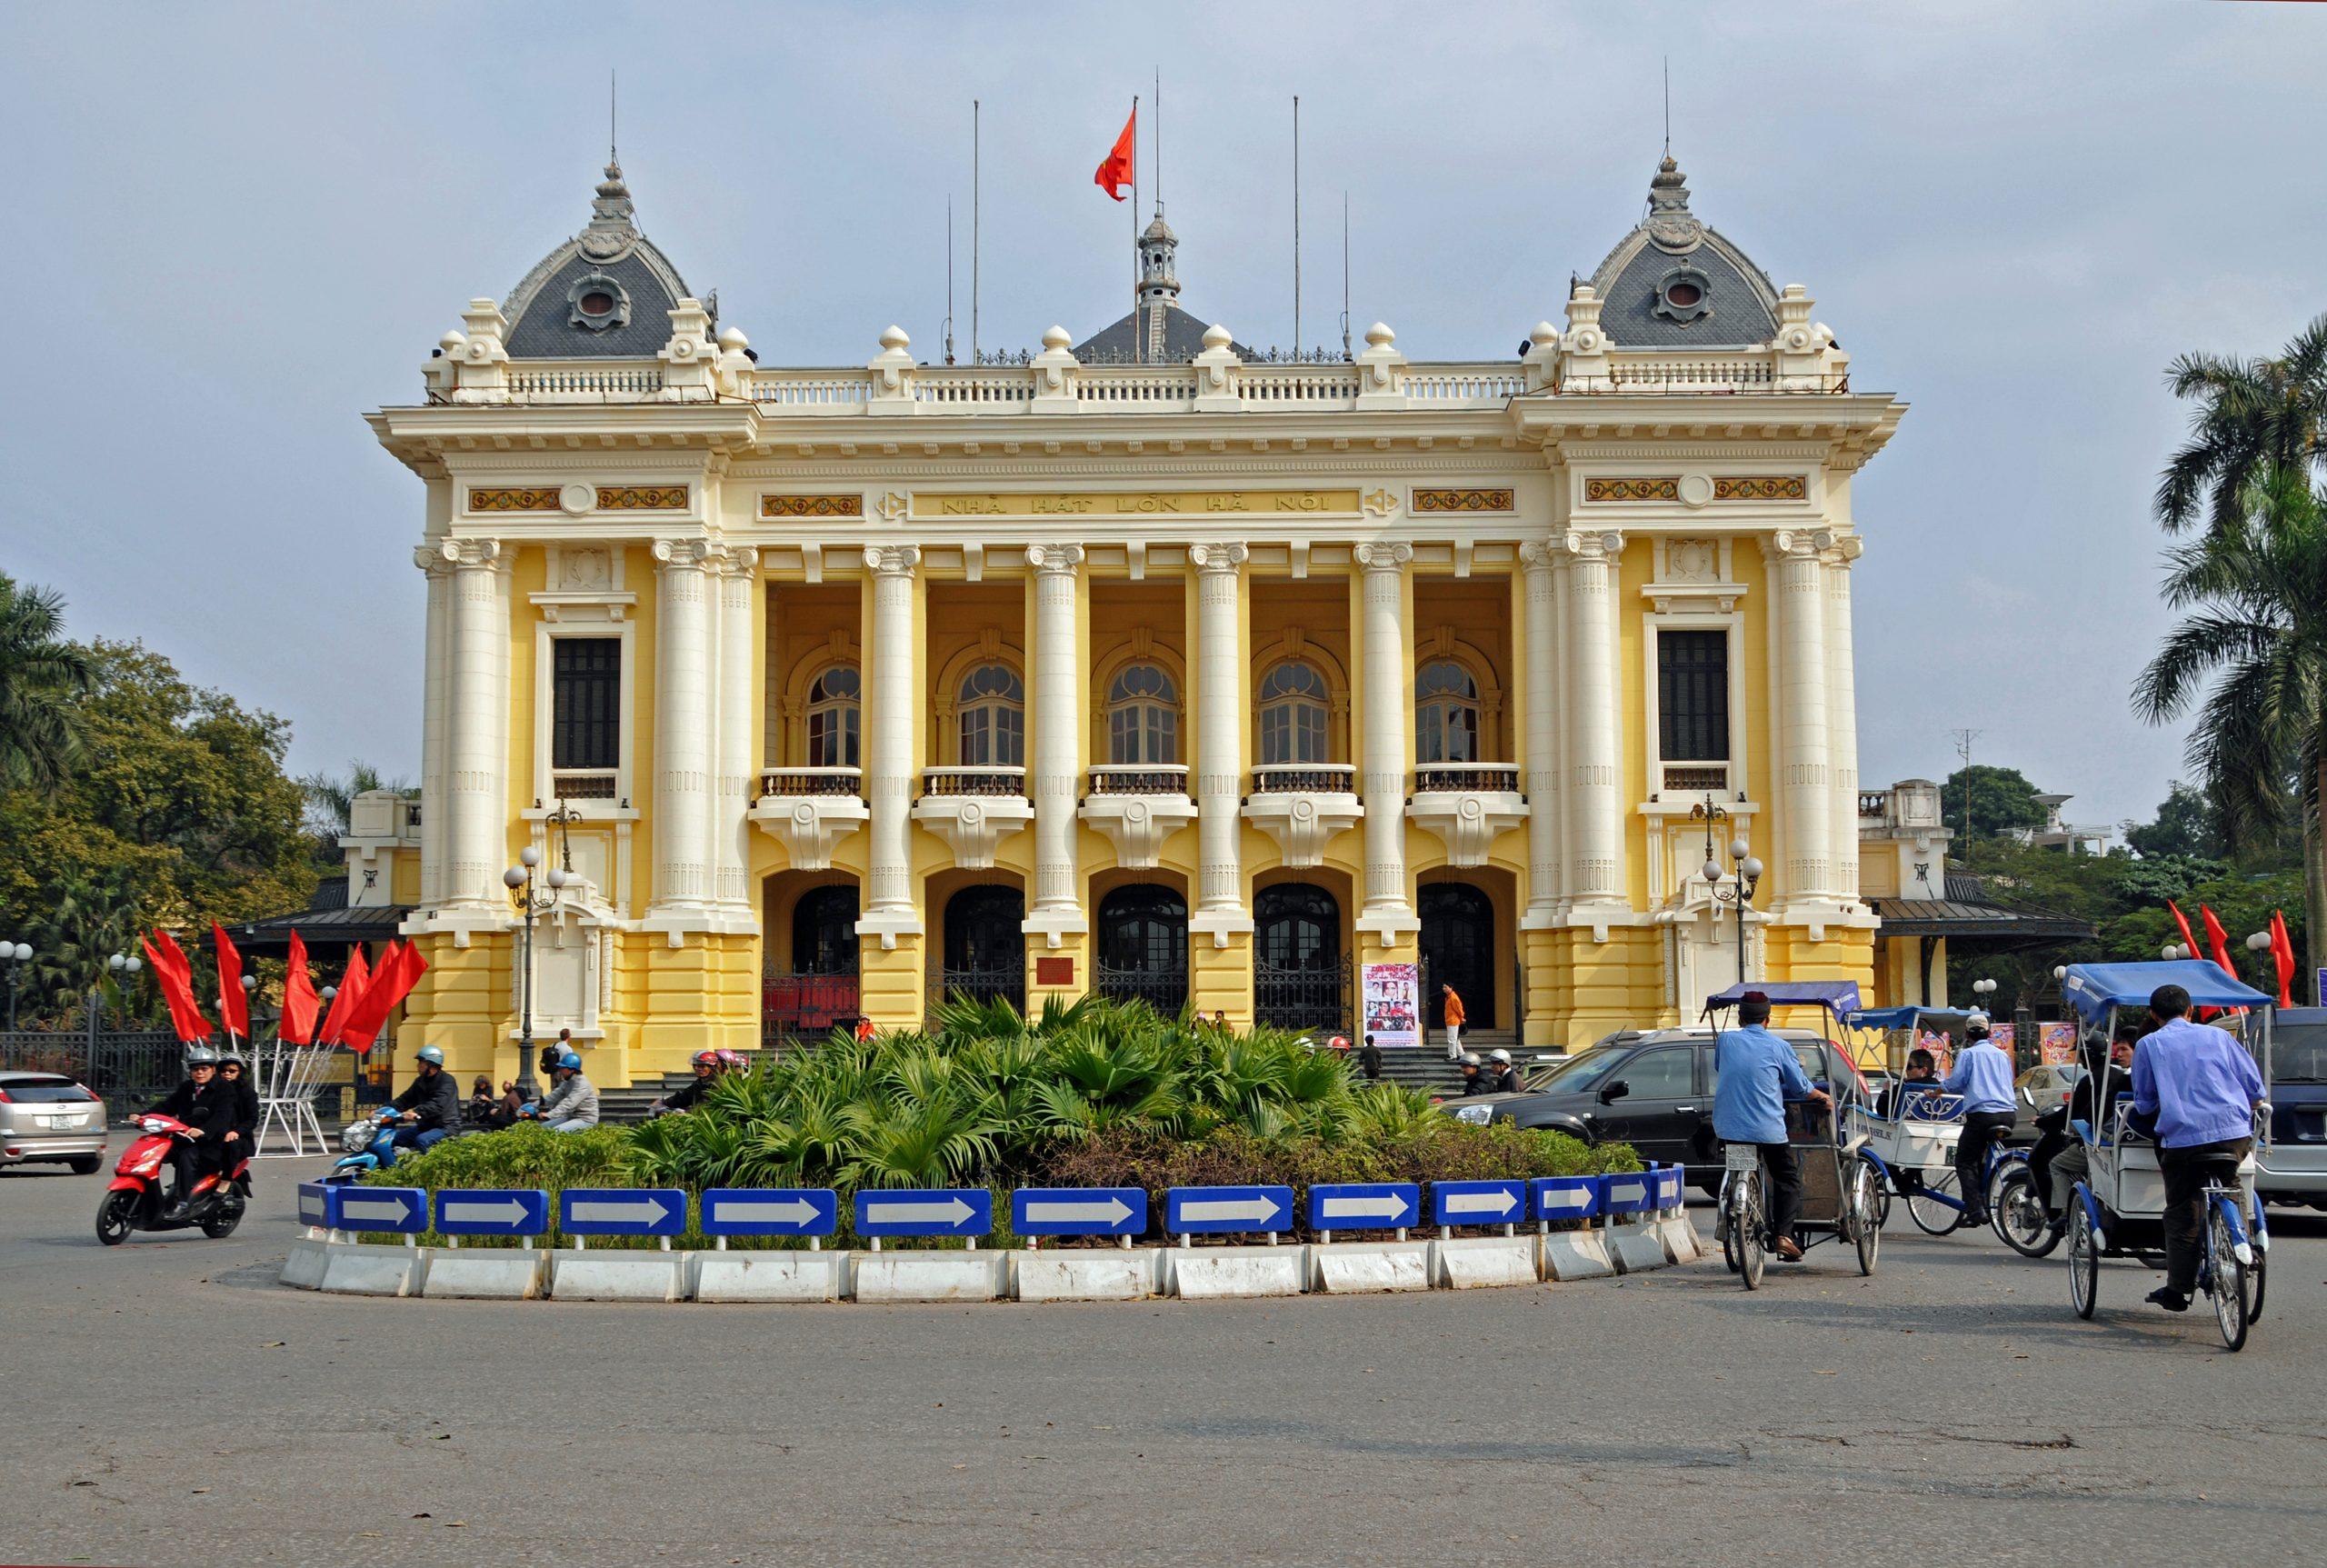 Nhà hát lớn Hà Nội có thiết kế kiến trúc ảnh hưởng phong cách nghệ thuật Art Nouveau